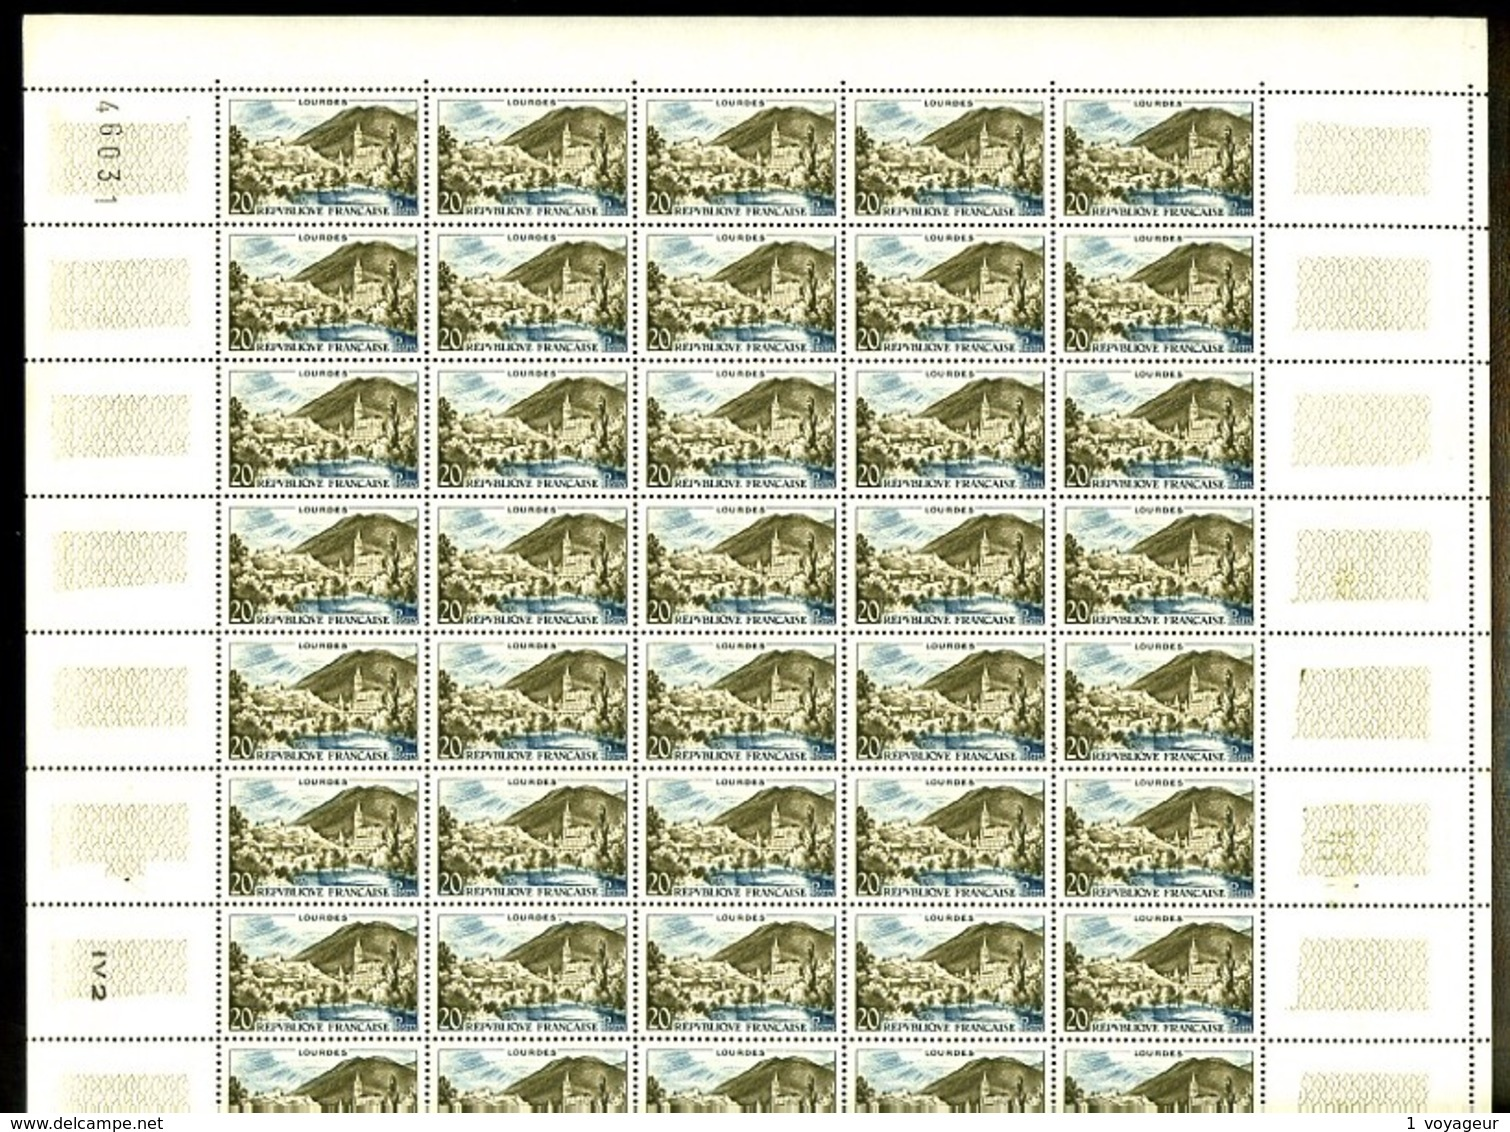 1150 - 20F Lourdes - En Feuille Complète De 50 Exemplaires - Neufs N** - TB - Feuilles Complètes